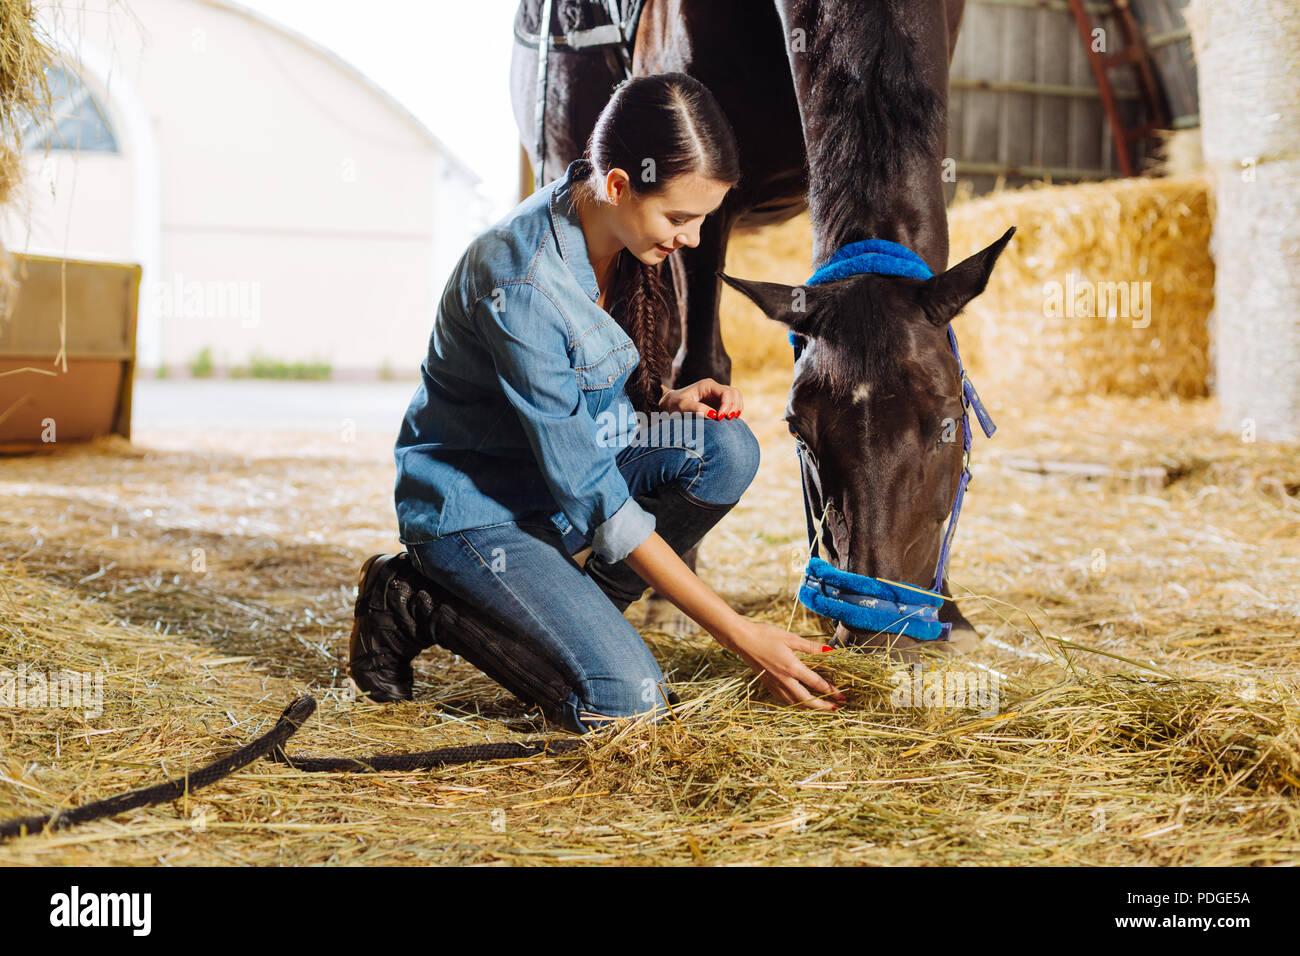 Hermosa horsewoman alimentación caballo marrón con algunos la paja Imagen De Stock